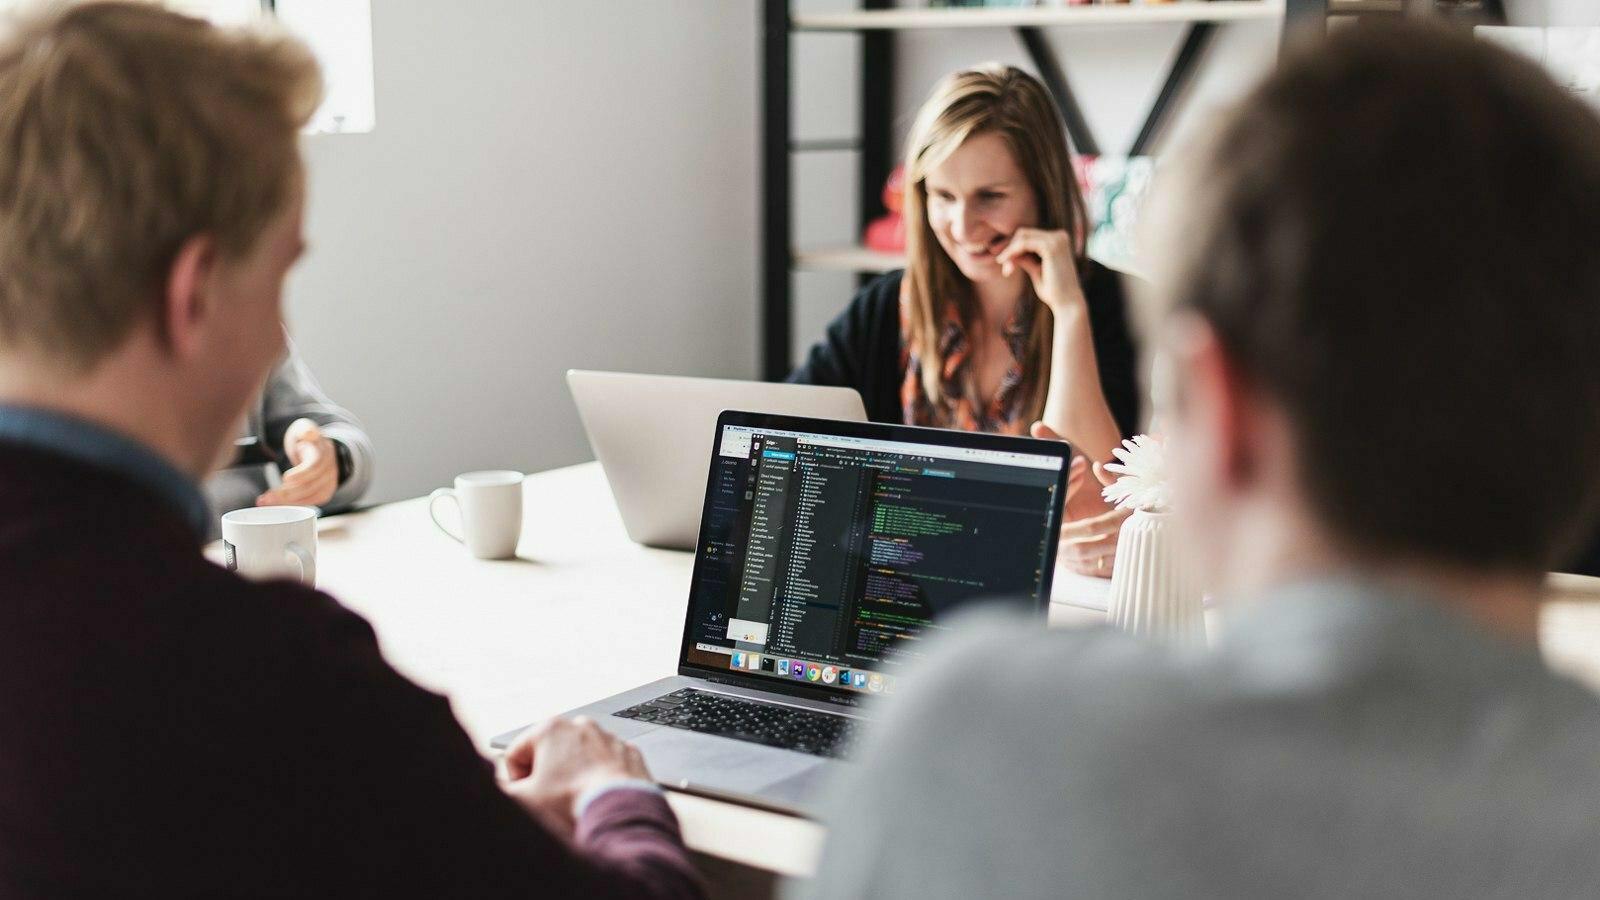 PHP Back-end developer websites / web applications